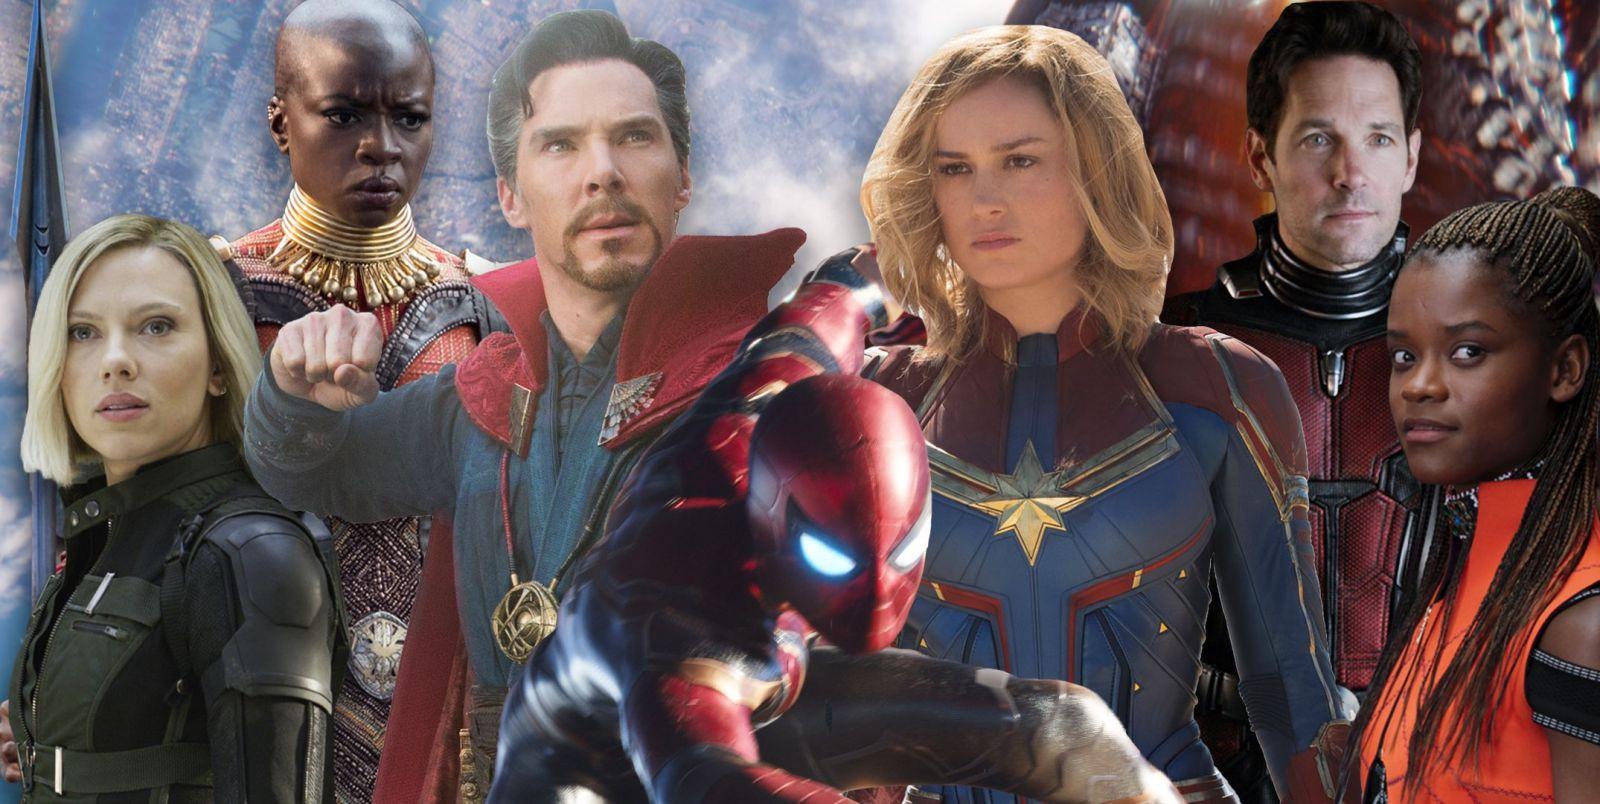 Названы худшие и лучшие Мстители во вселенной